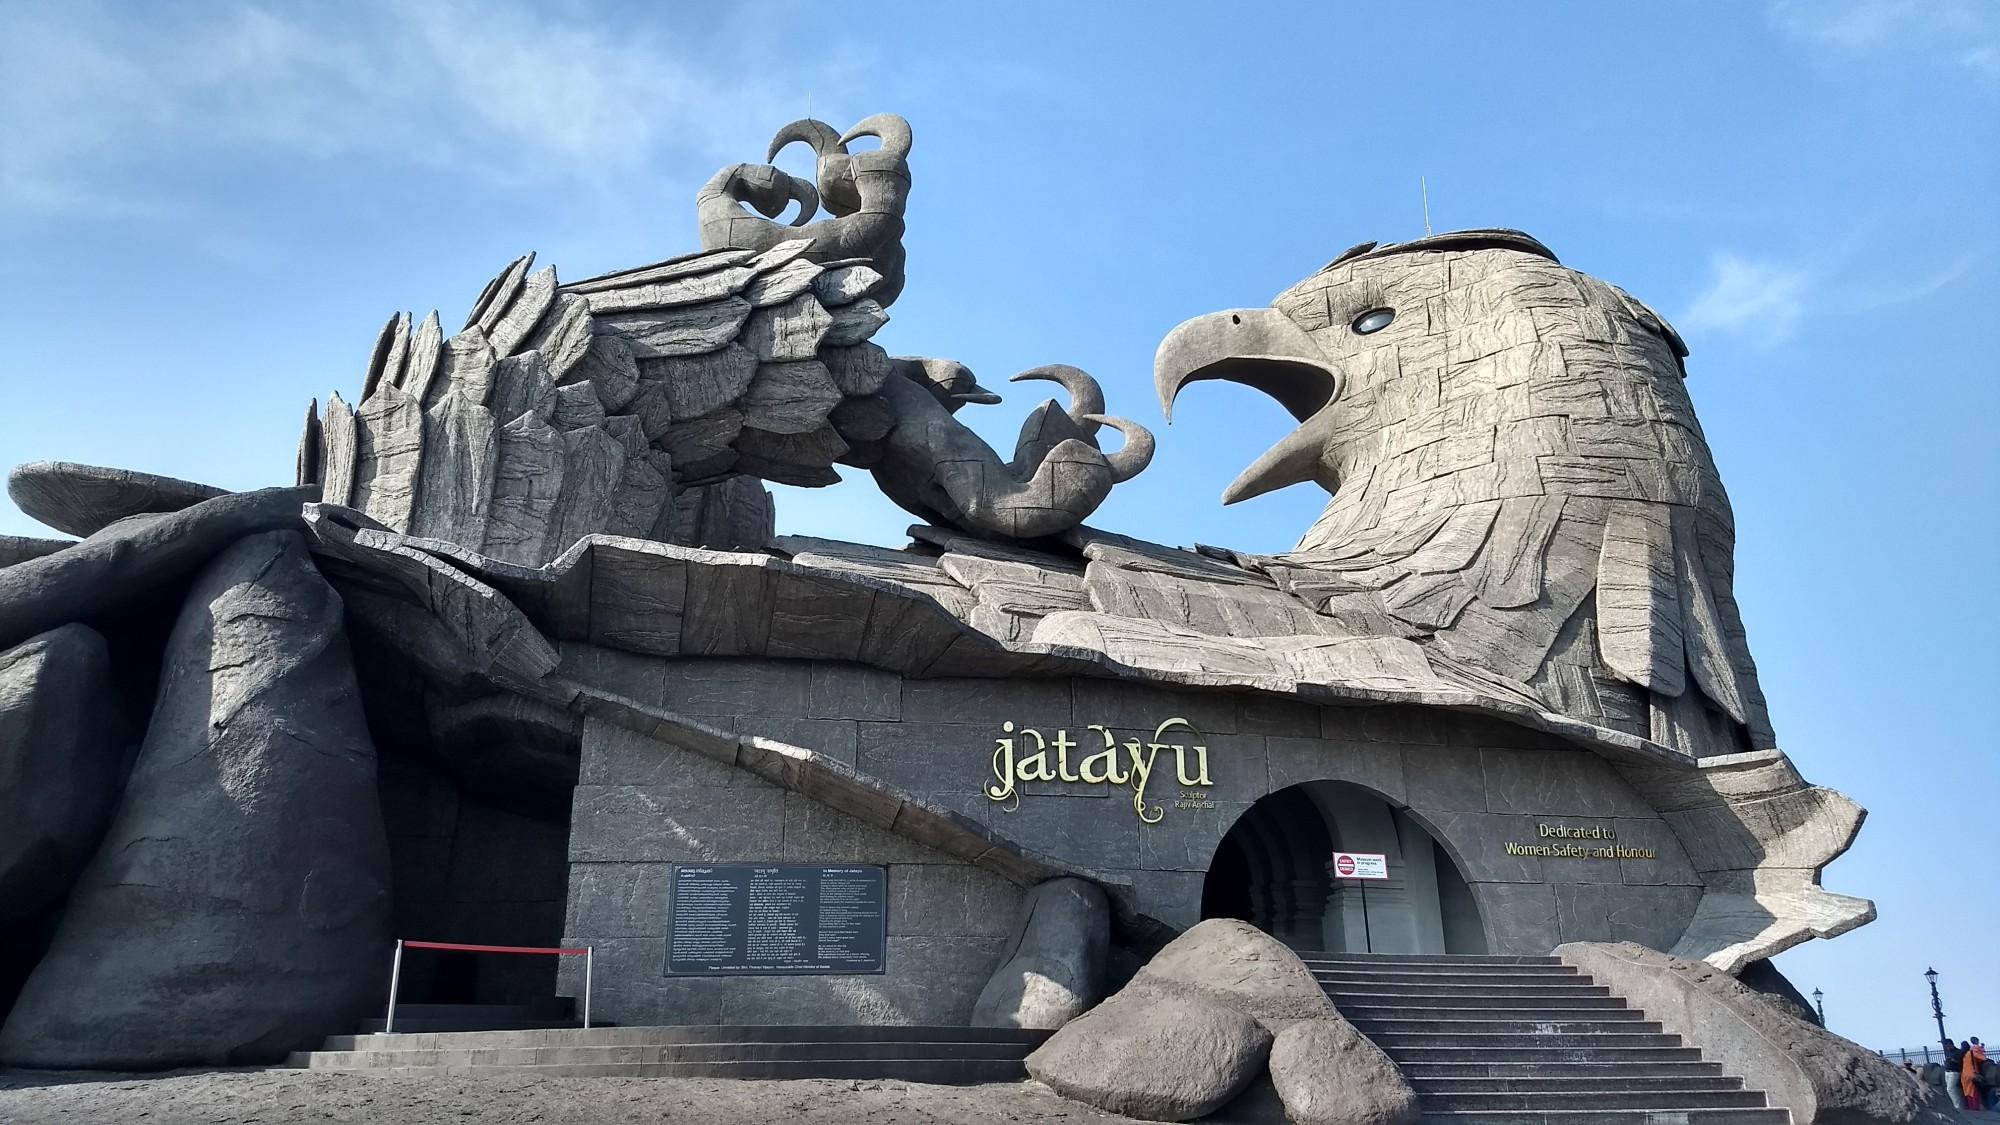 jatayu sculpture